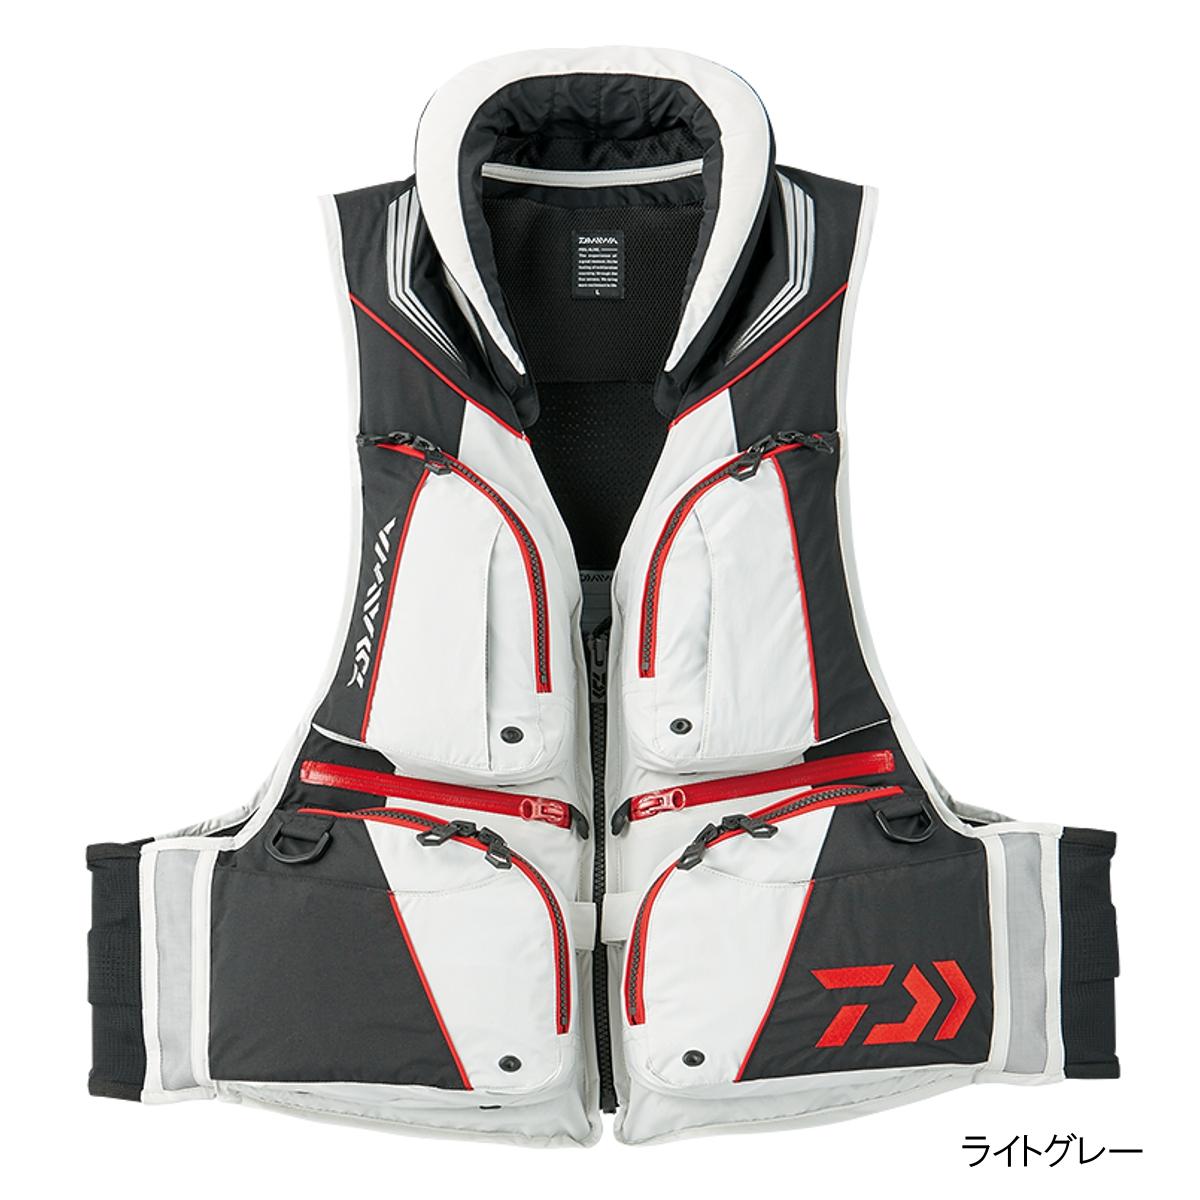 ダイワ トーナメント バリアテック 枕つきサイバーフロート DF-3508 L ライトグレー